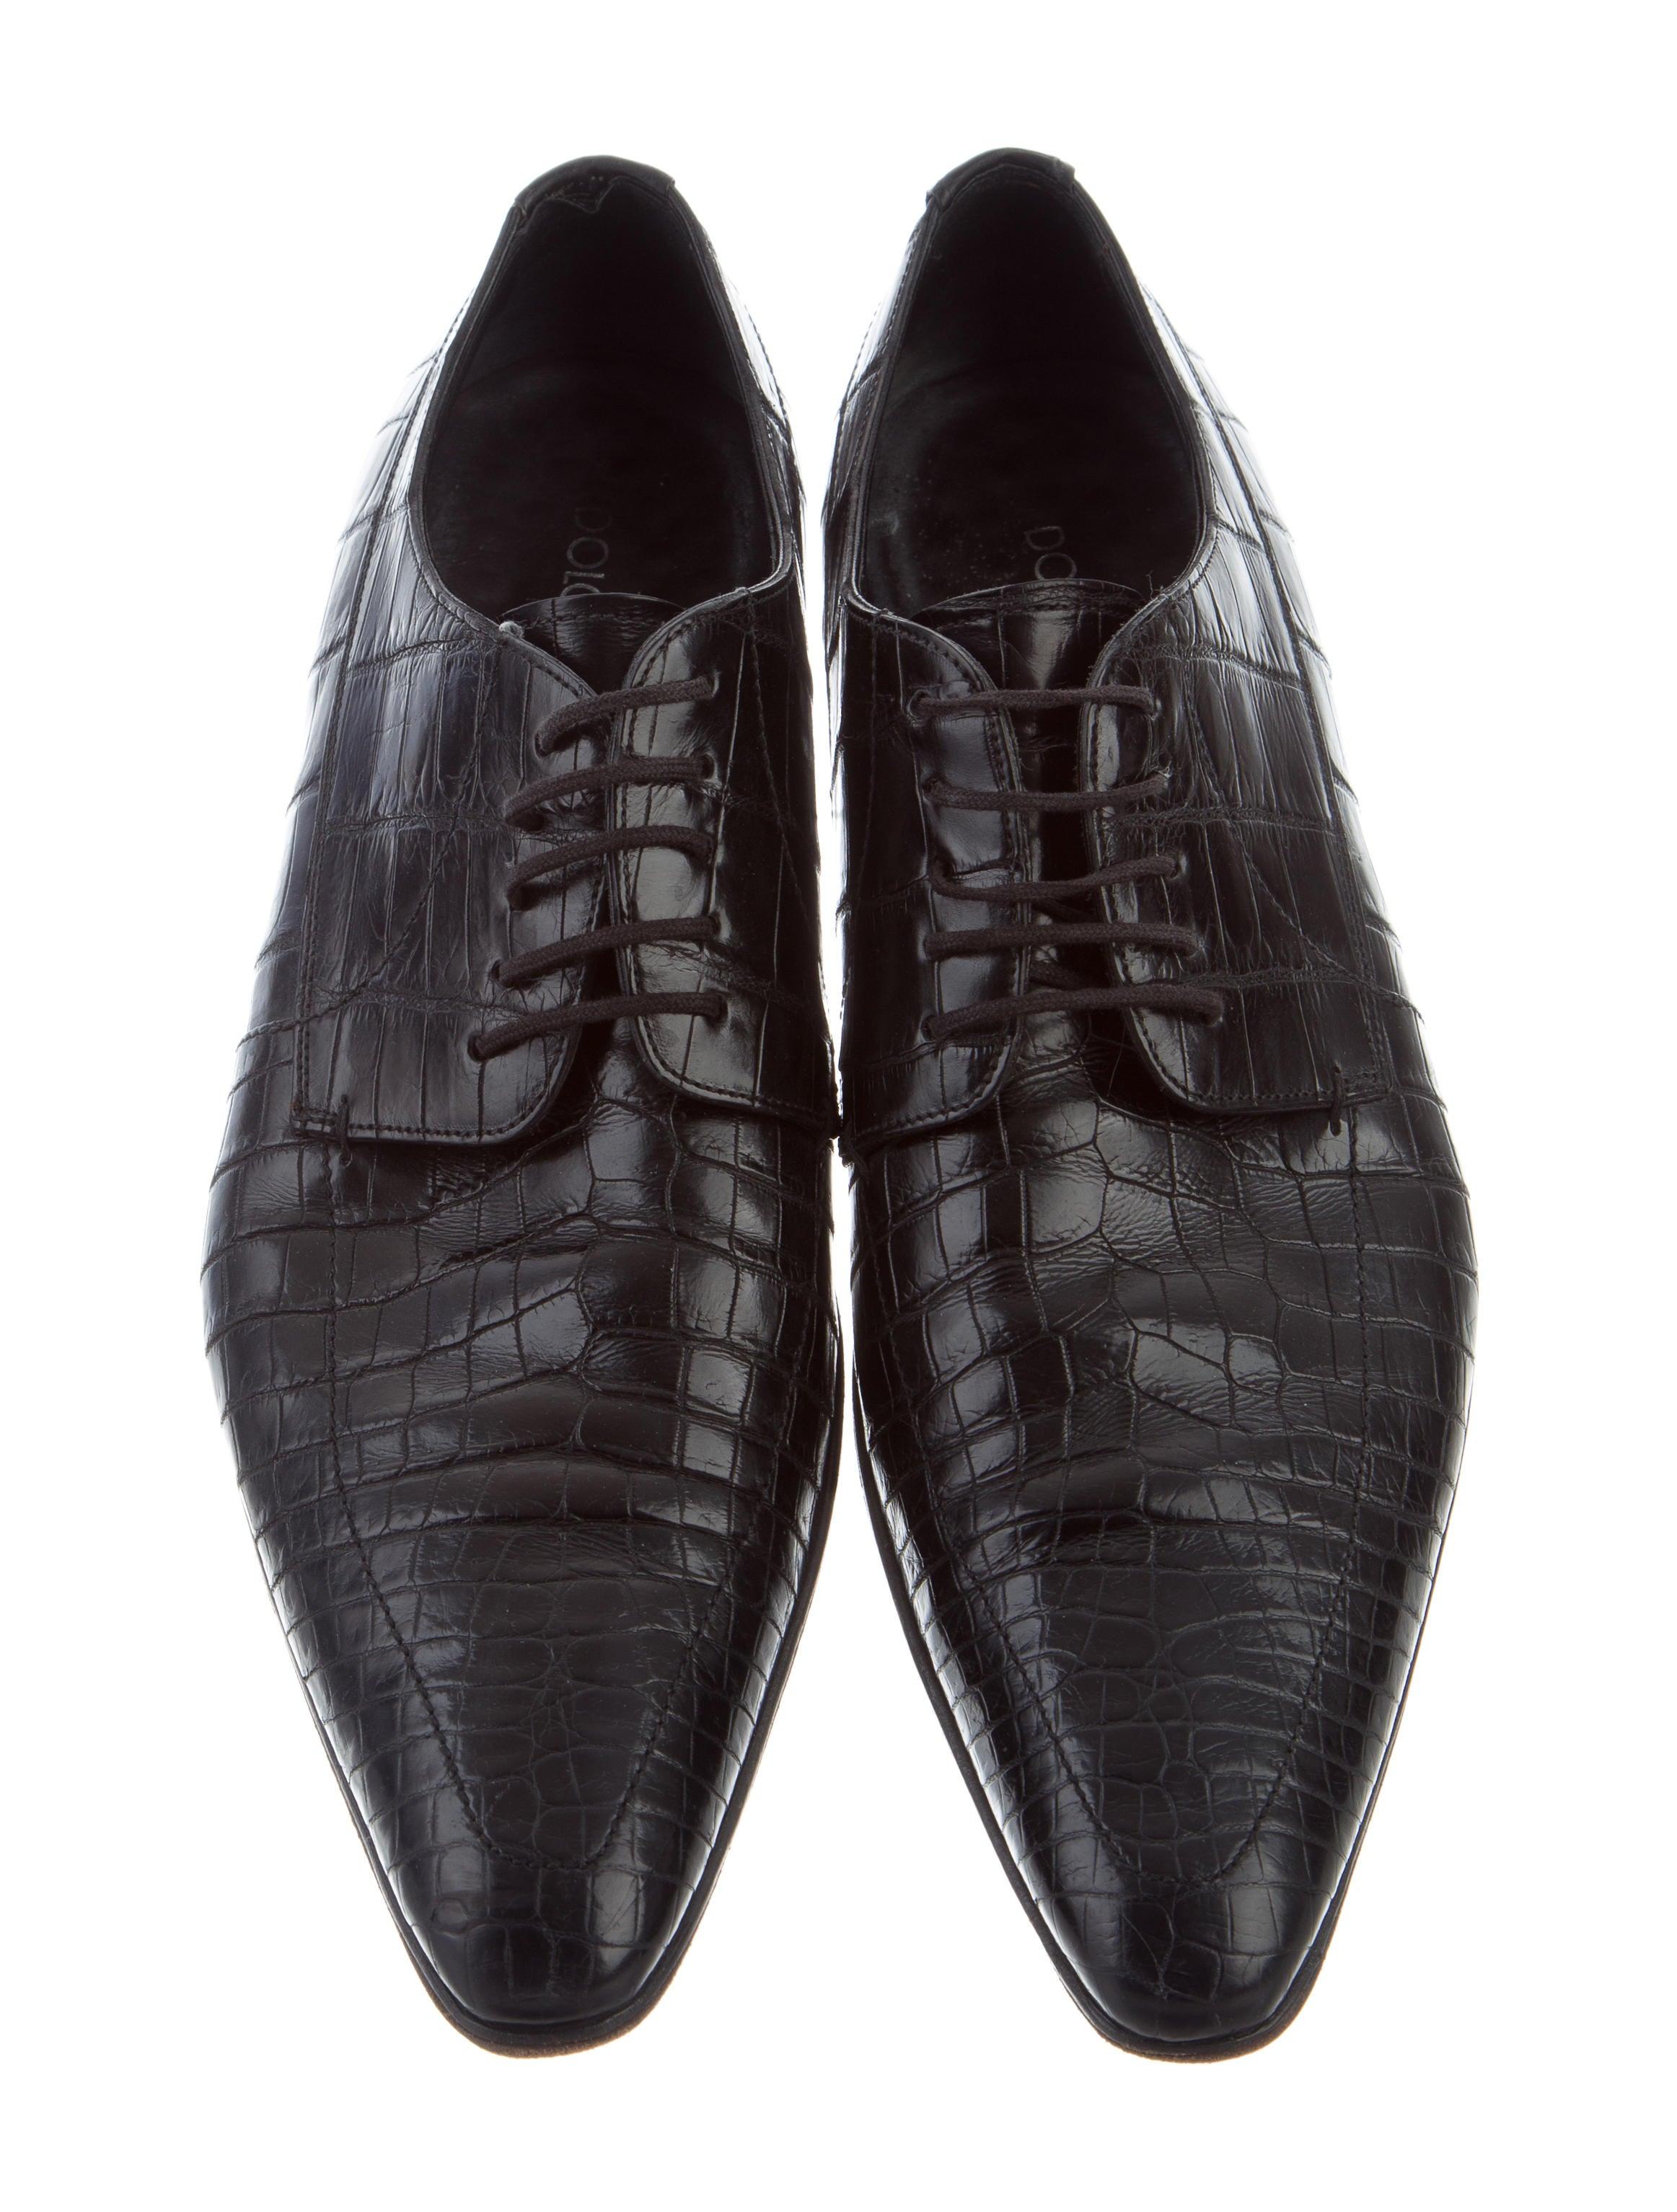 d483318d2d Dolce   Gabbana Crocodile Lace-Tie Oxfords - Shoes - DAG95065